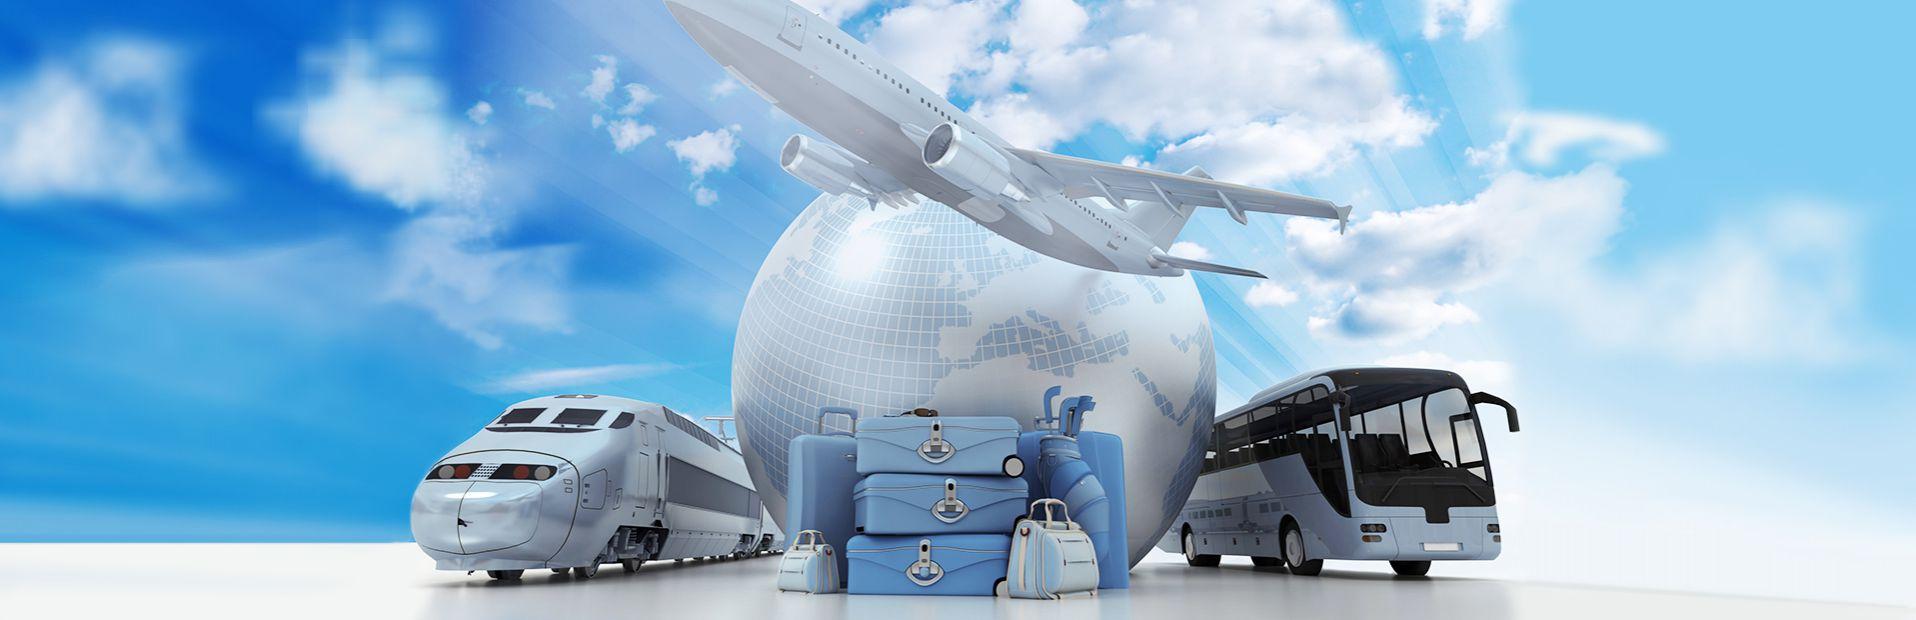 Ваш эксклюзивный персональный сервис в индустрии перевозок!